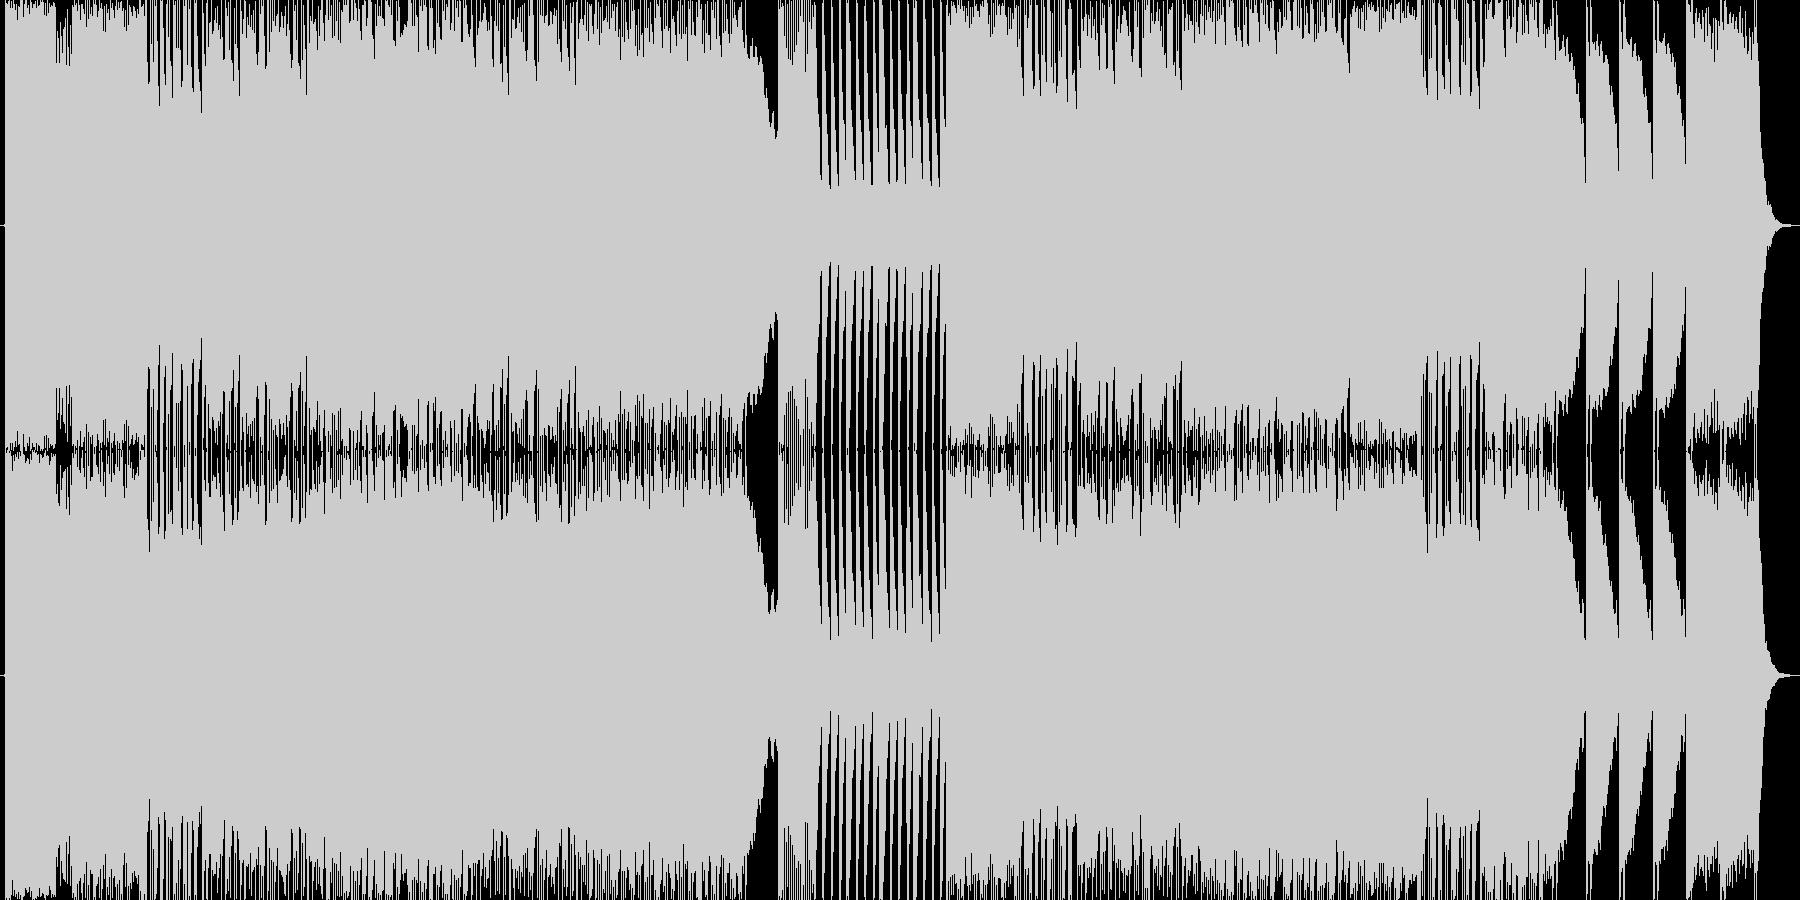 悪魔の囁きをイメージしたピアノ曲の未再生の波形